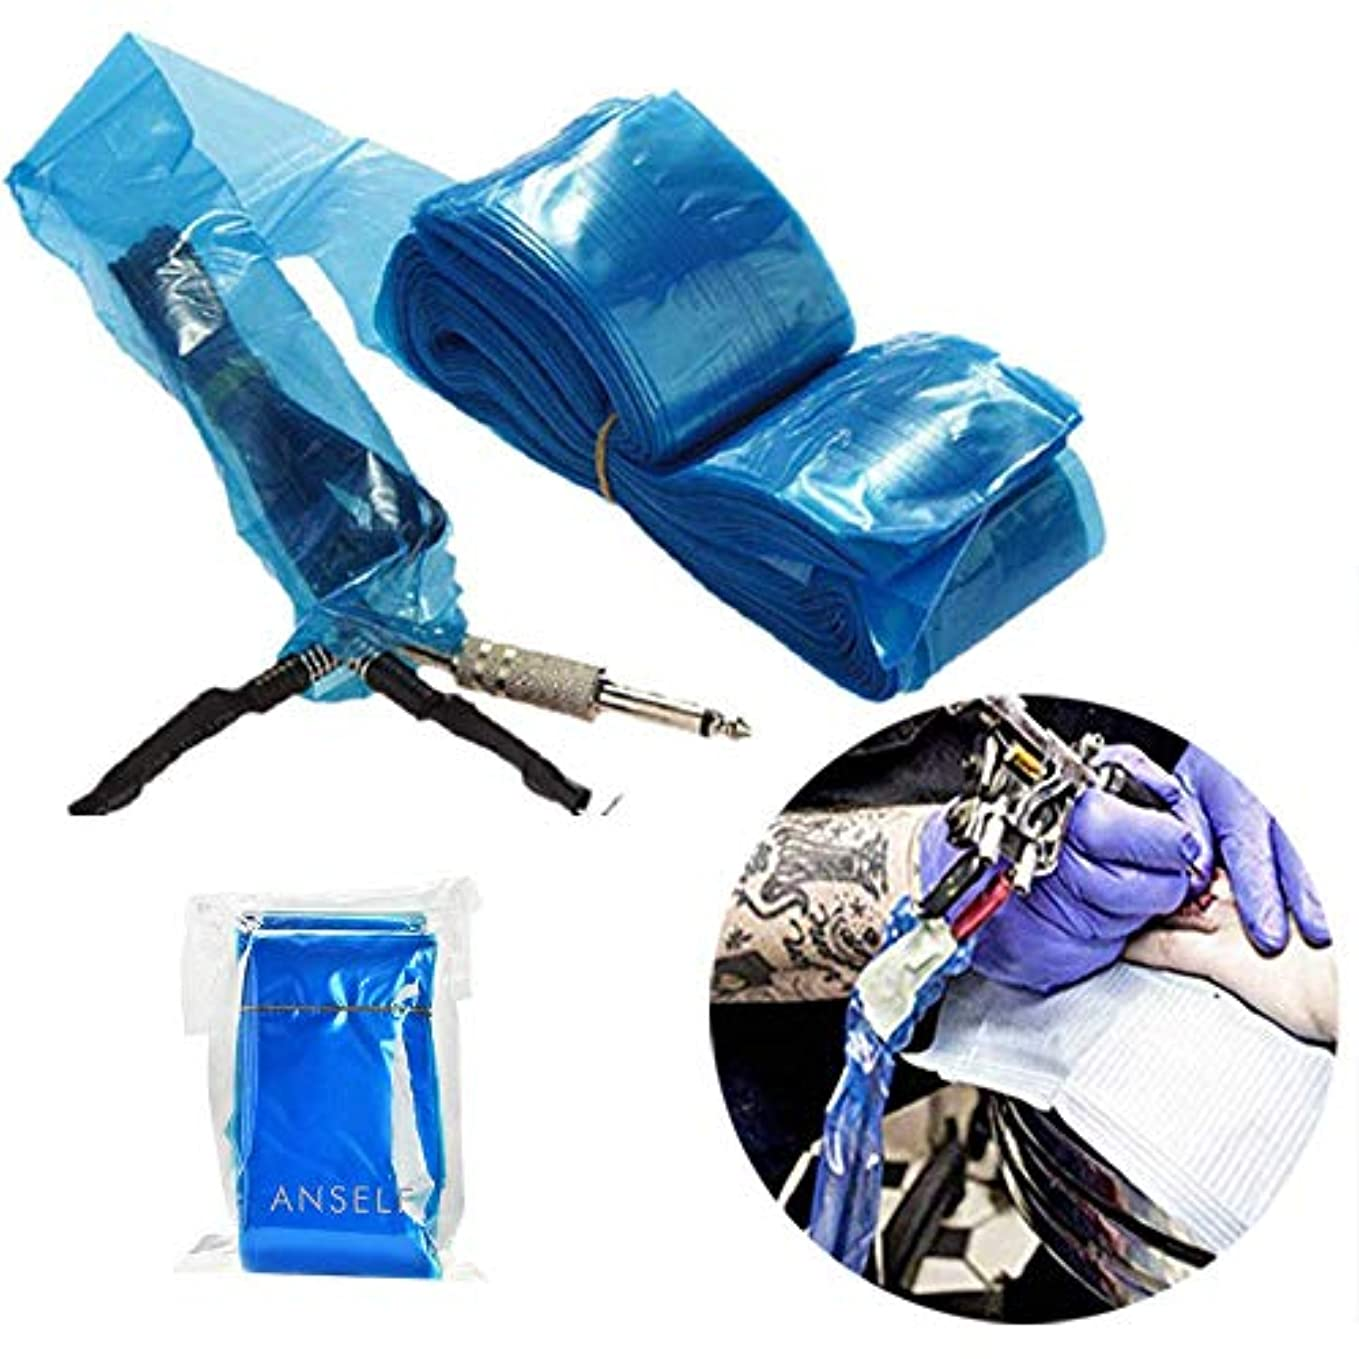 スキム性的製品Decdeal タトゥークリップカバー タトゥー用品 タトゥーマシンプラスチック用使い捨てカバー 100Pcs